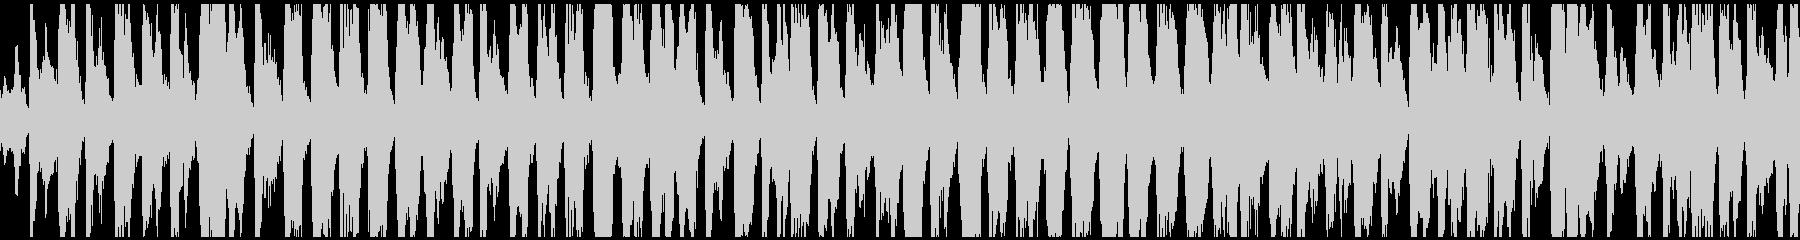 Uptempo、古いスタイルのジプ...の未再生の波形